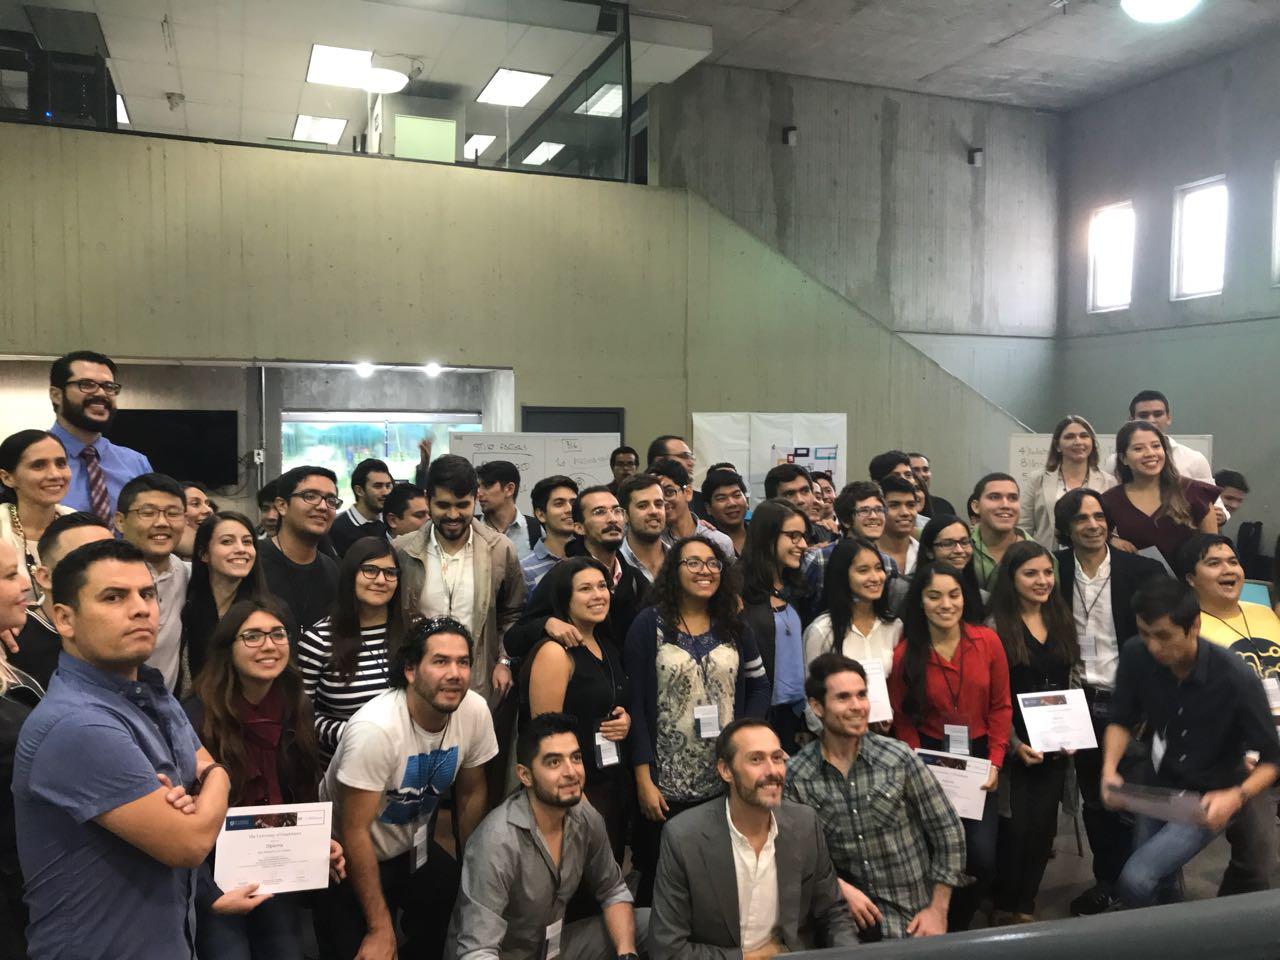 Segunda toma de estudiantes de la UdeG durante la premiación en CUCEA